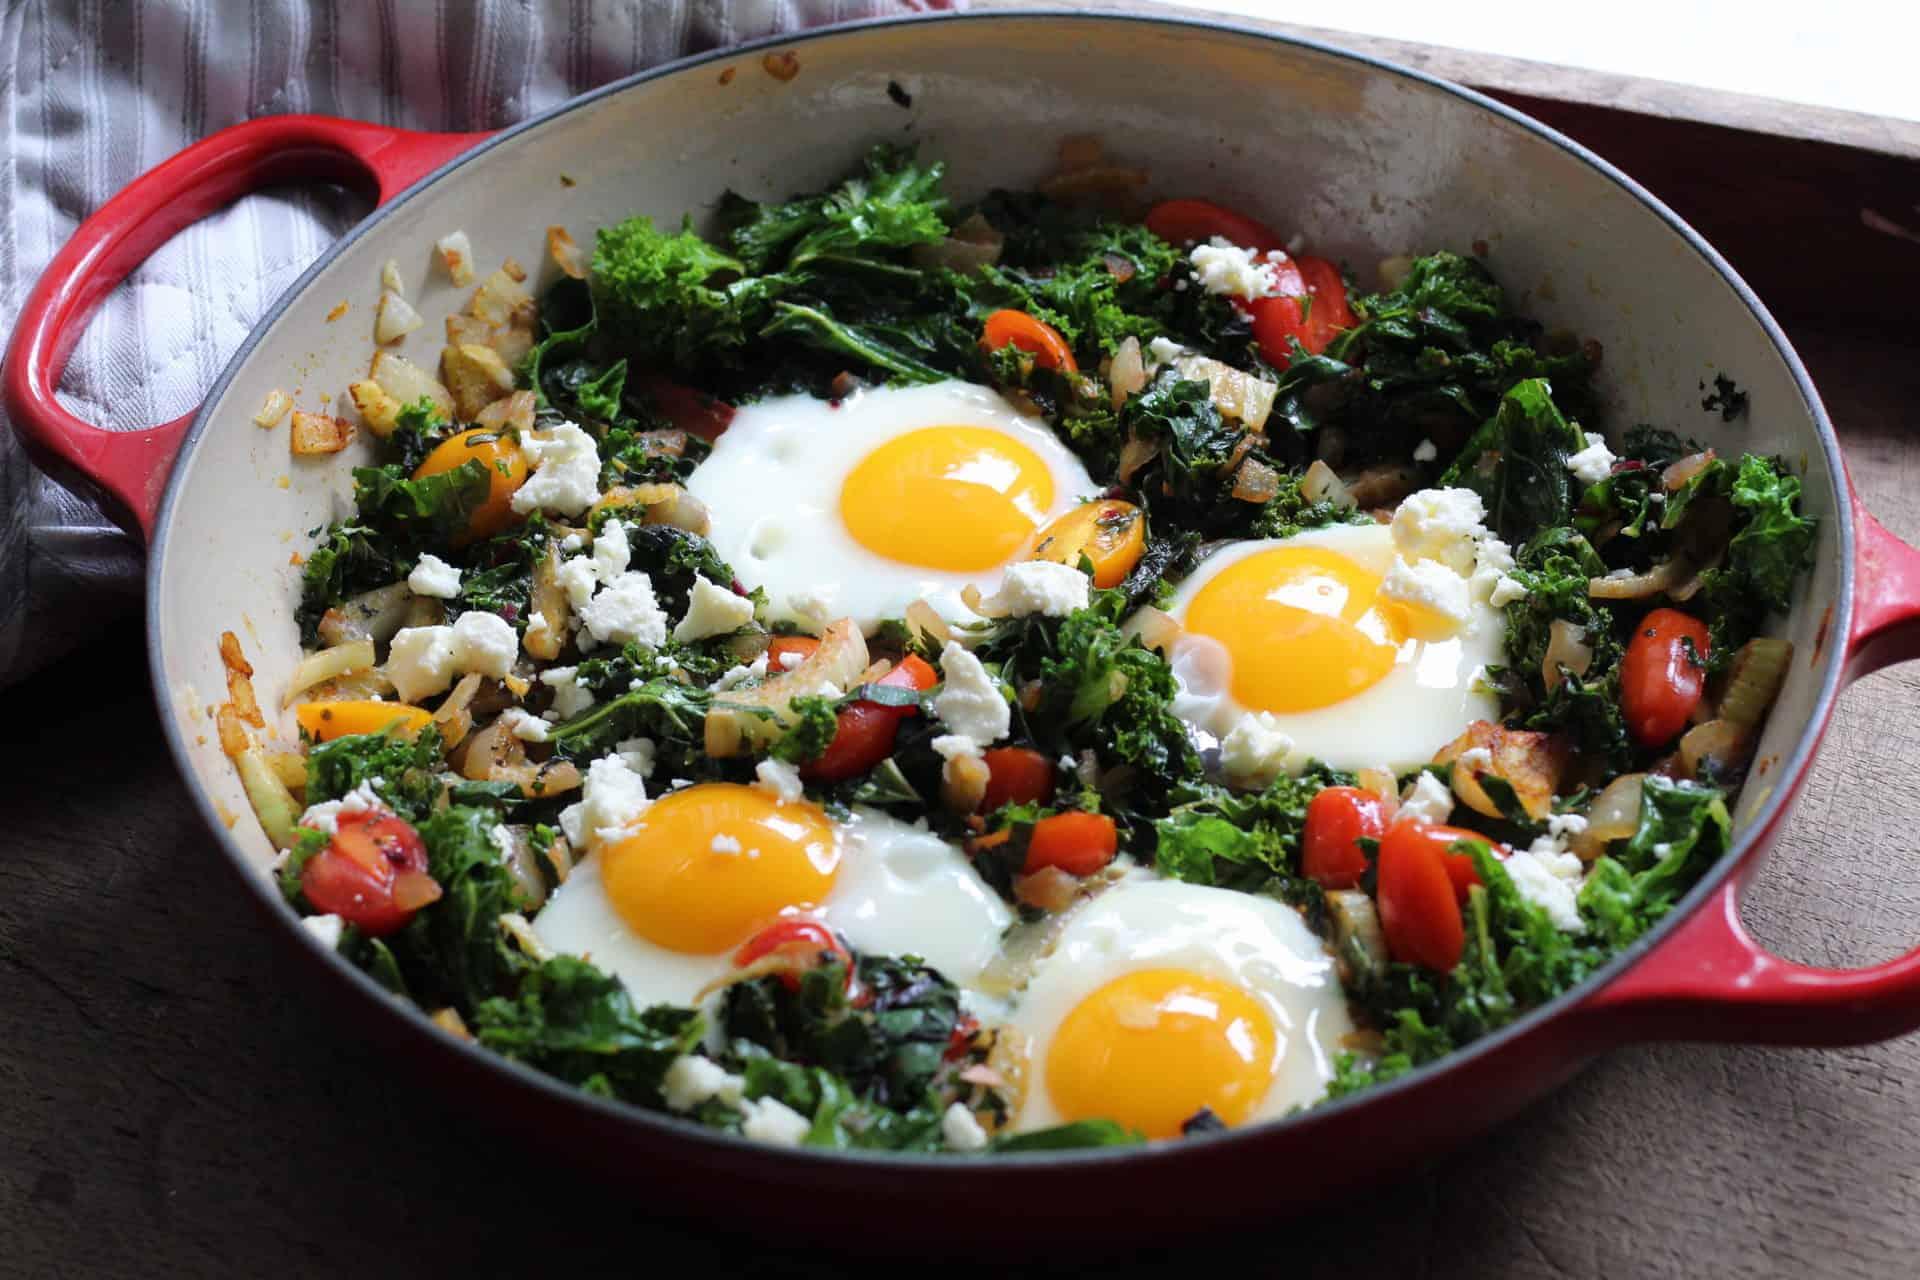 Eggs, Breakfast, Quick & Easy, Vegetarian, Brunch